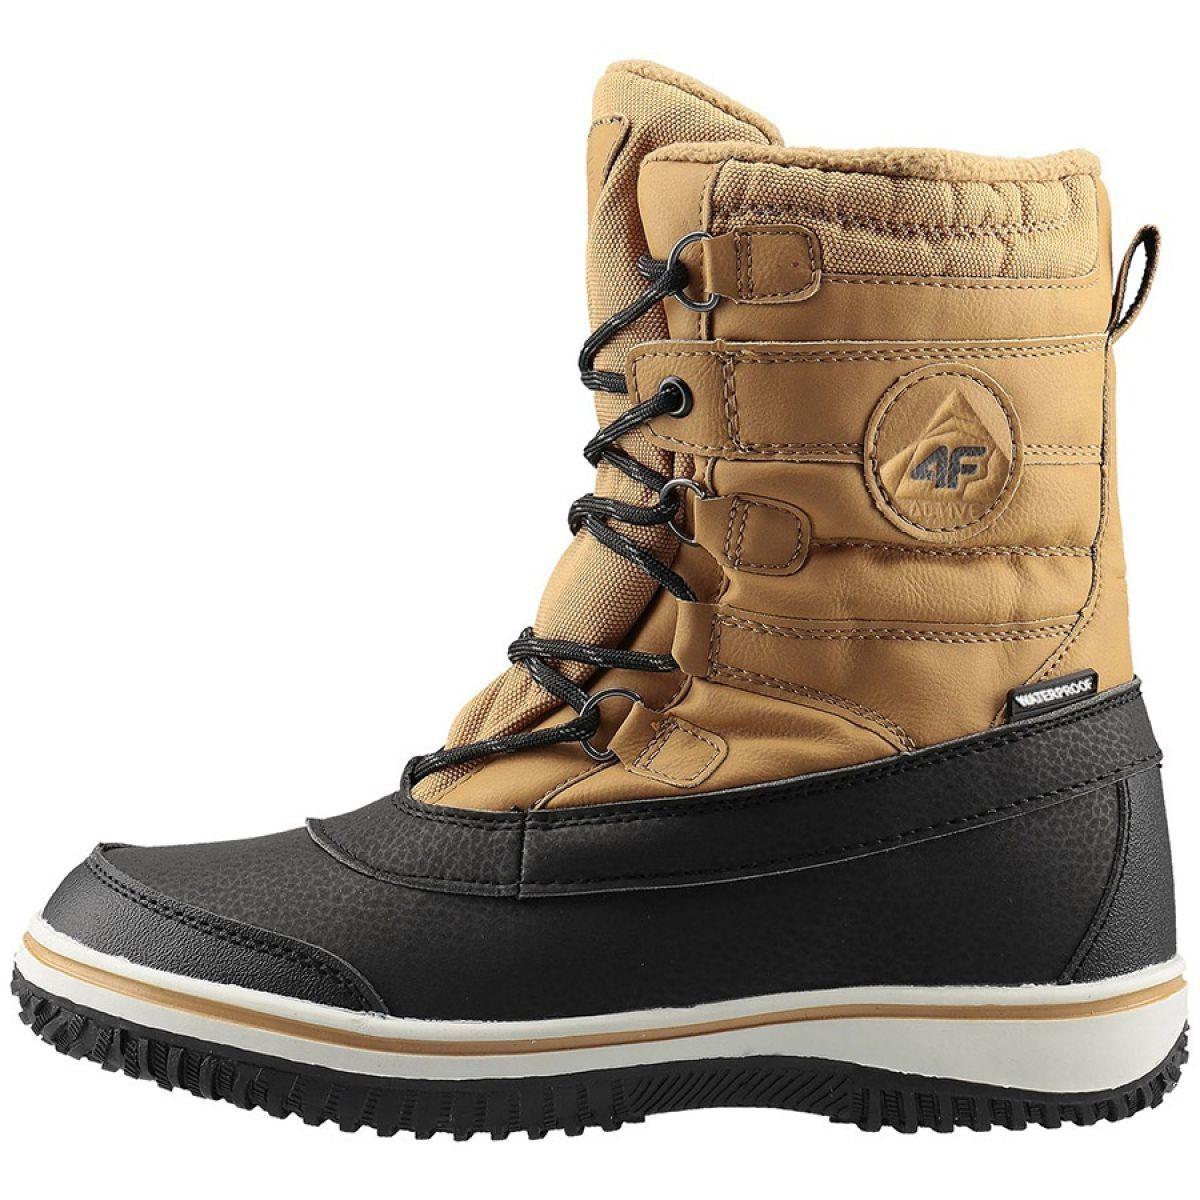 Buty Zimowe 4f Jr Hjz19 Jobma001 71s Bezowy Czarne Winter Shoes Winter Boots Shoes